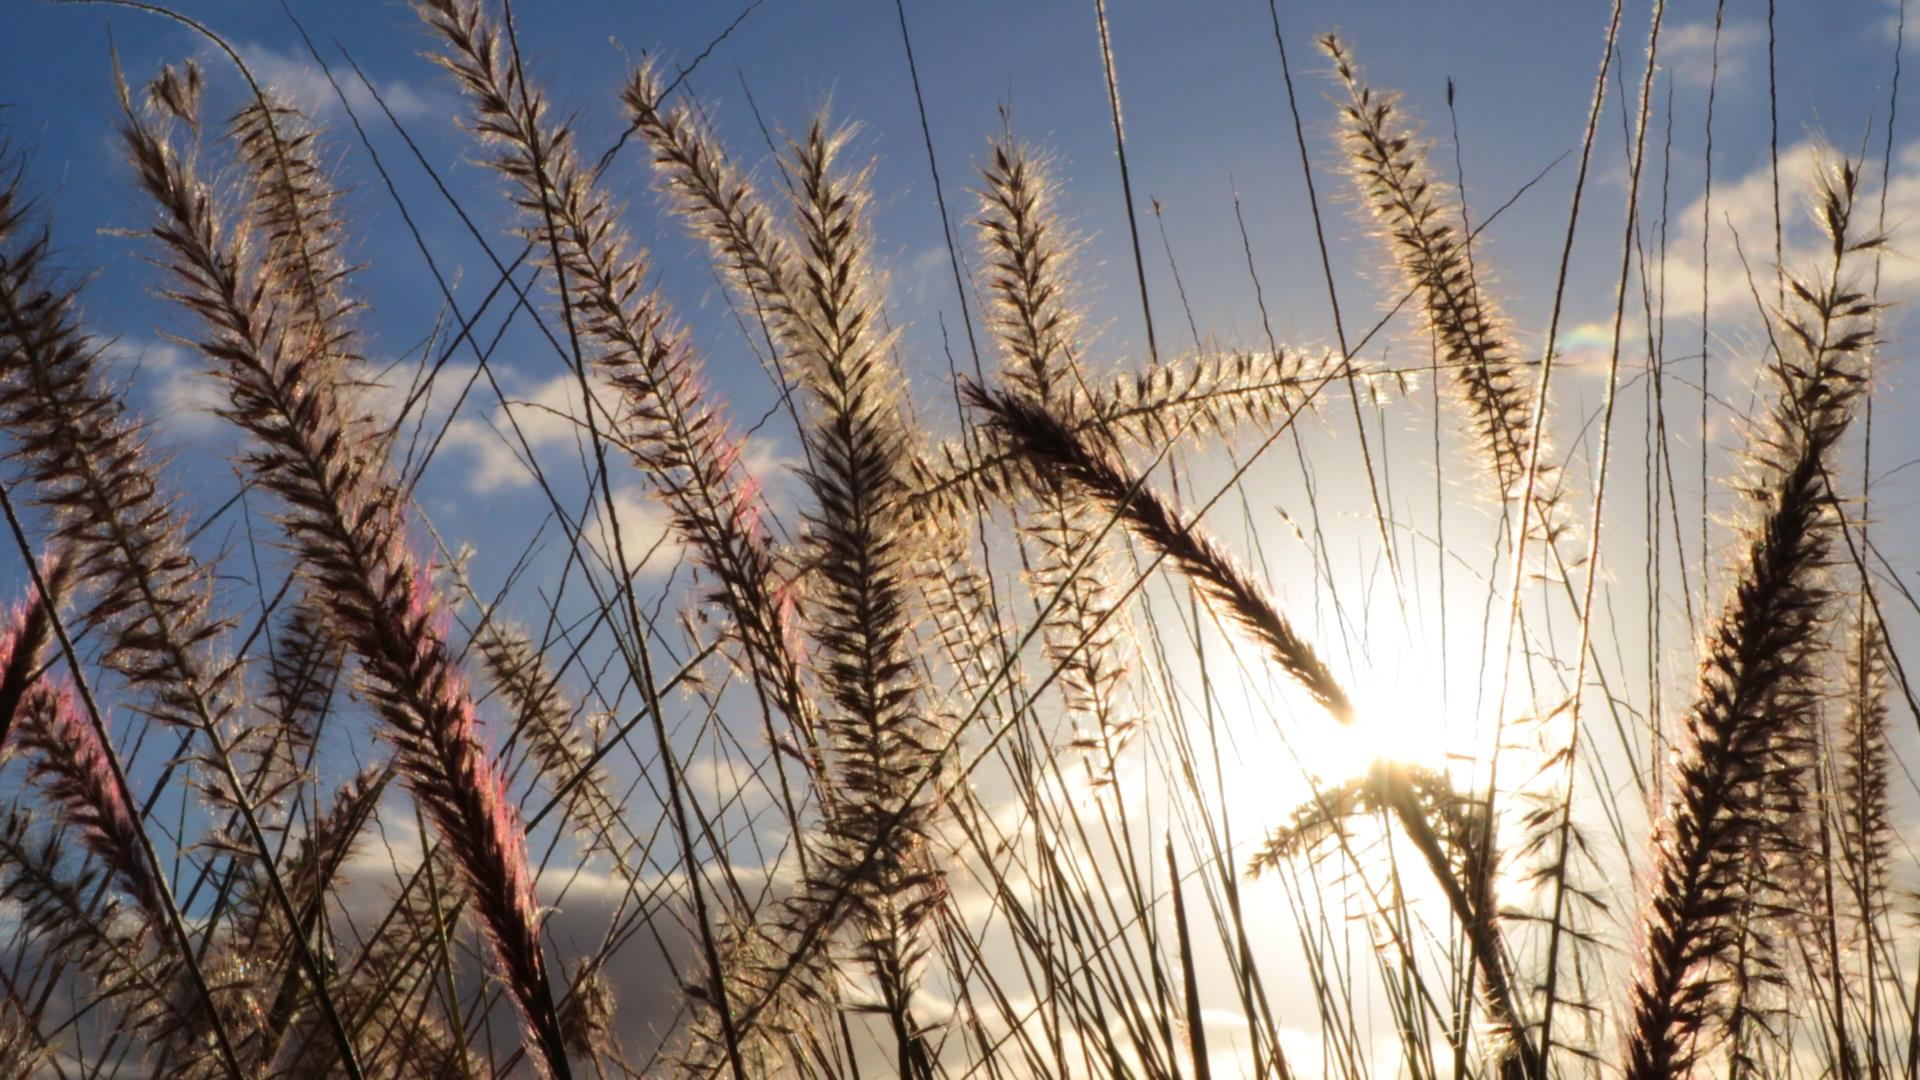 稻草随风飘荡